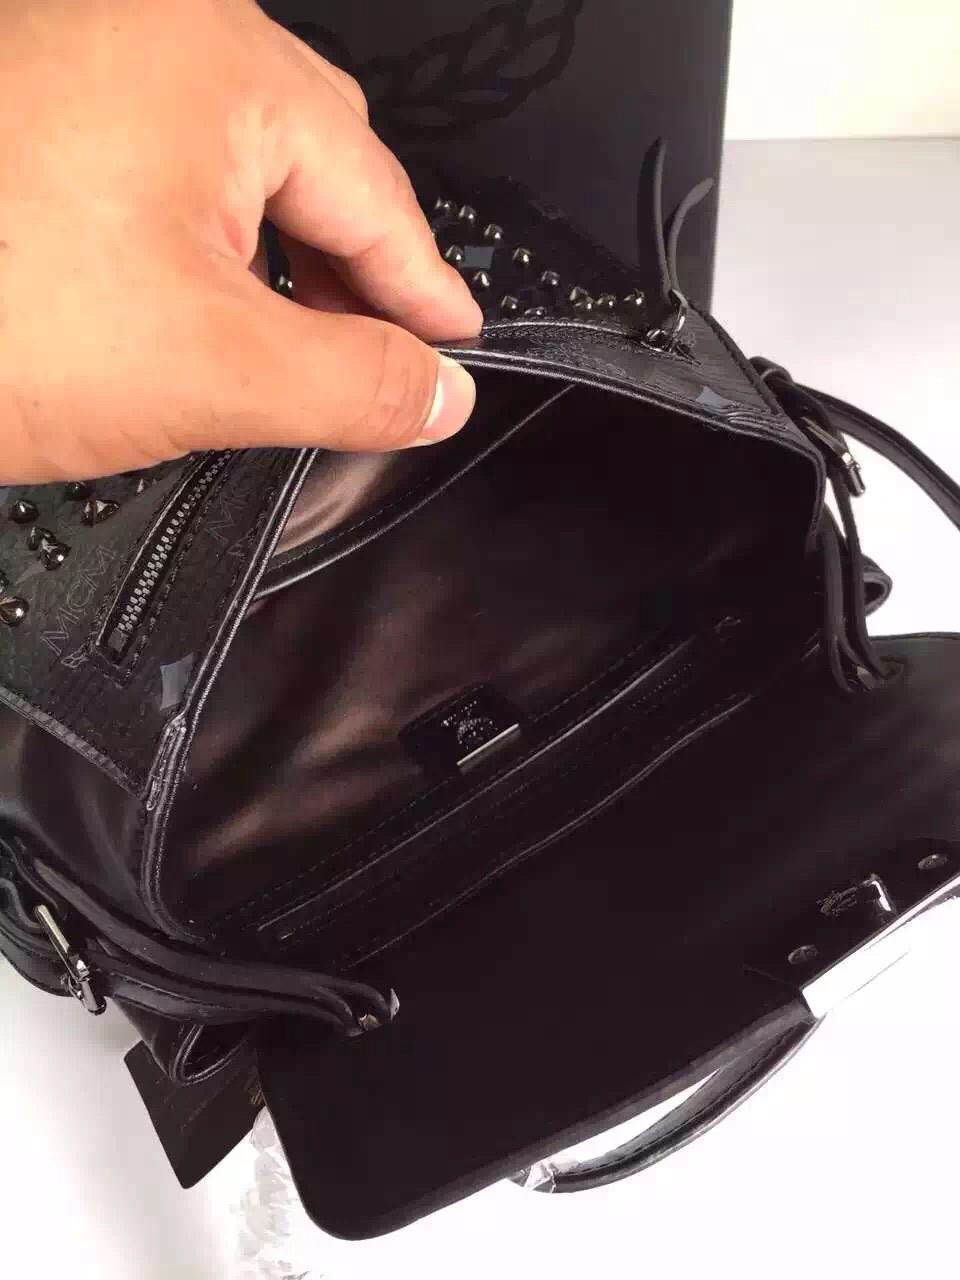 MCM官网 铆钉镶钻邮差包 全套包装原单包包 斜挎包 黑色